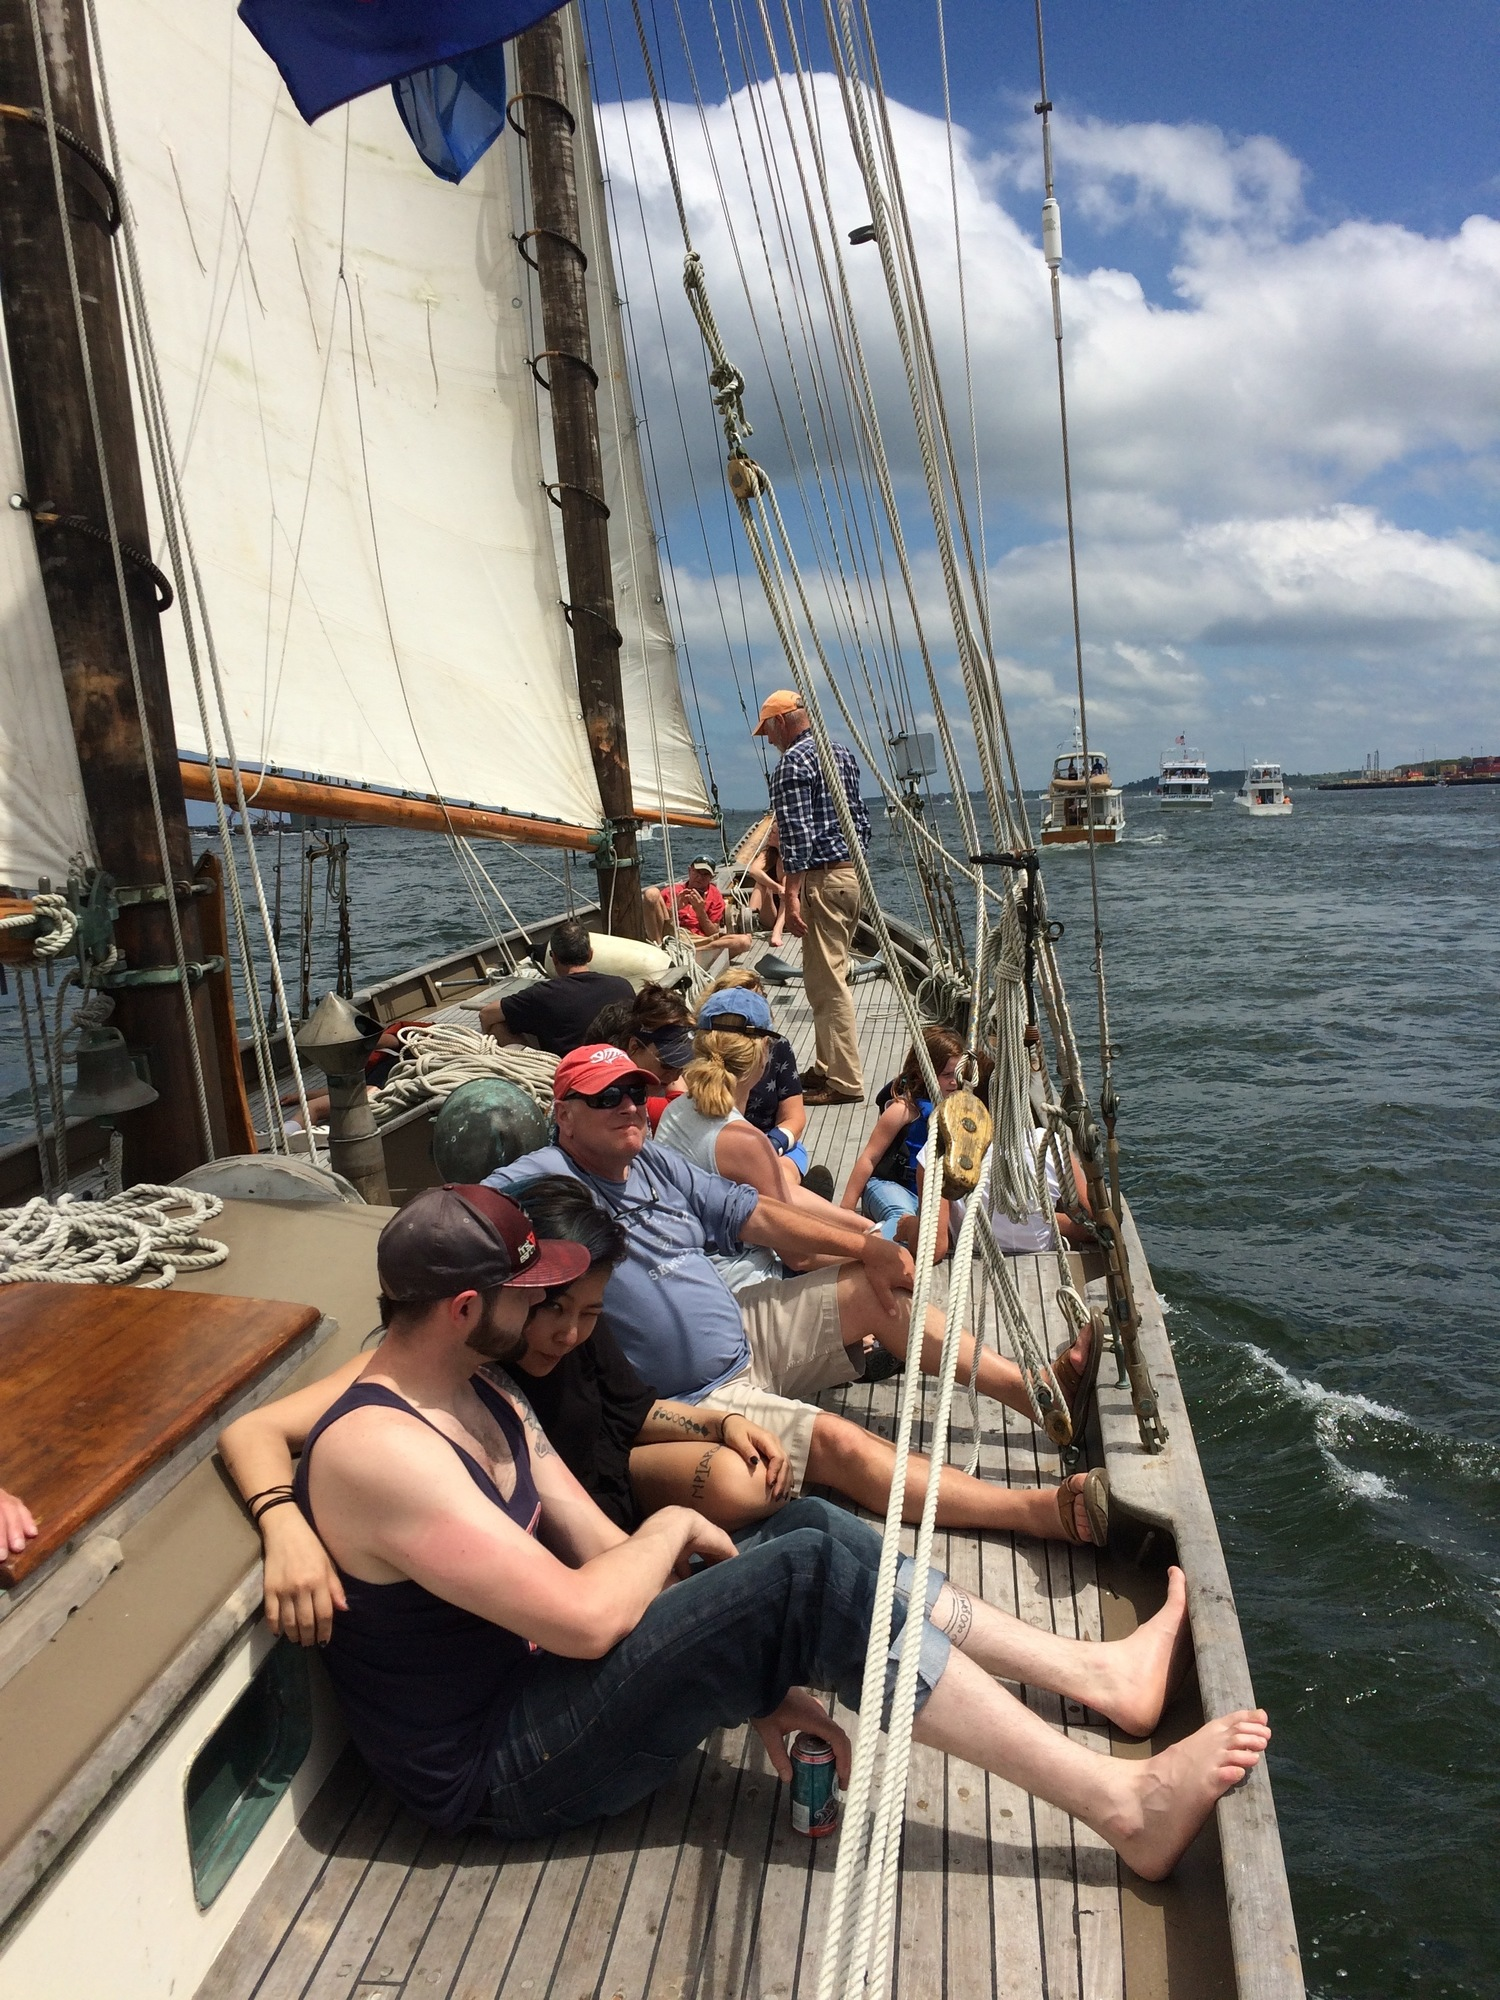 unbounded-adventures_schooner-tyrone-5.jpg